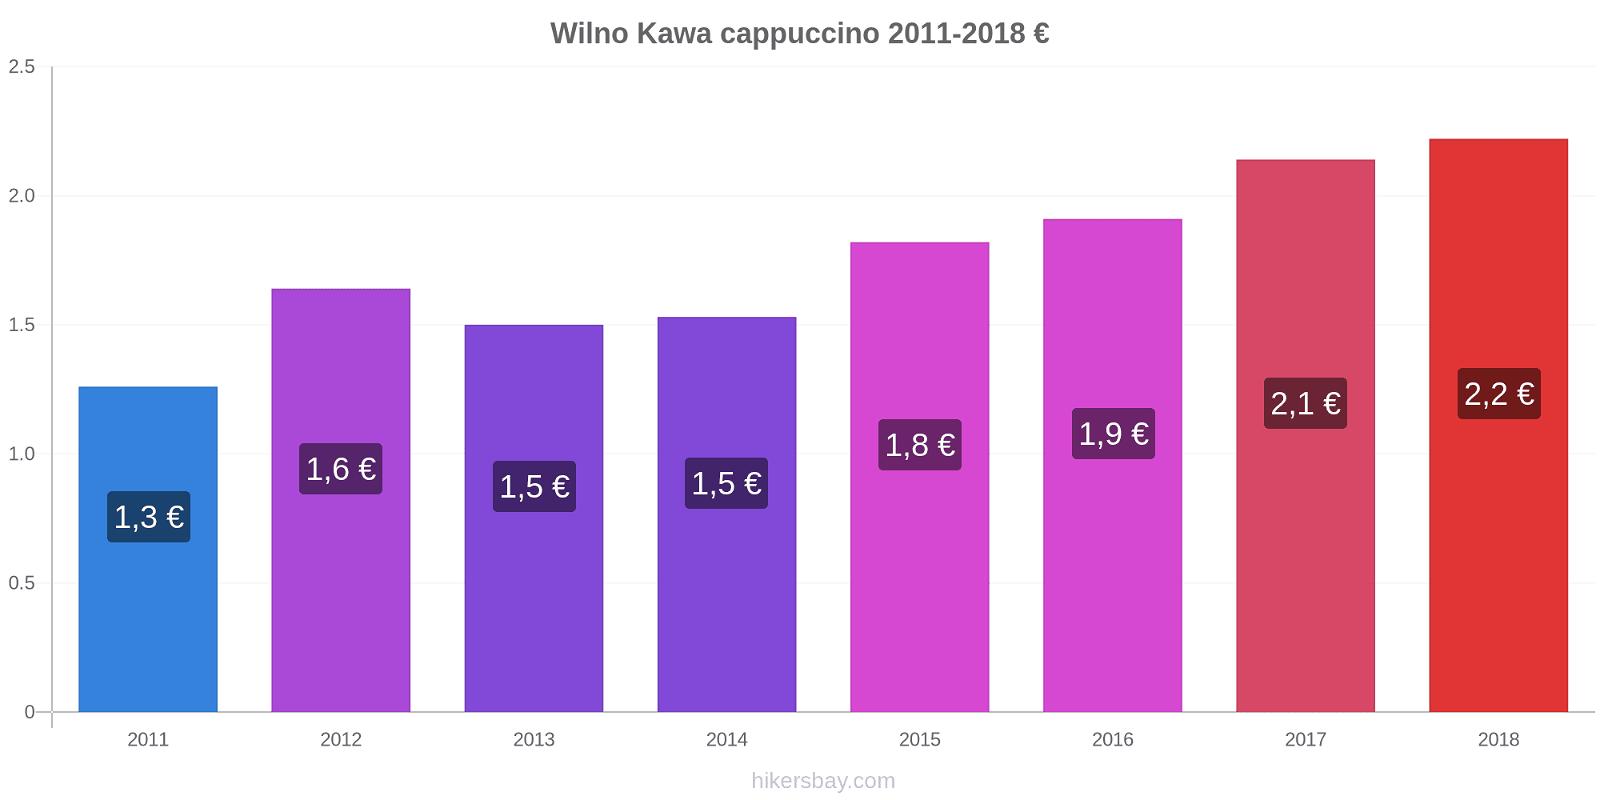 Wilno zmiany cen Kawa cappuccino hikersbay.com